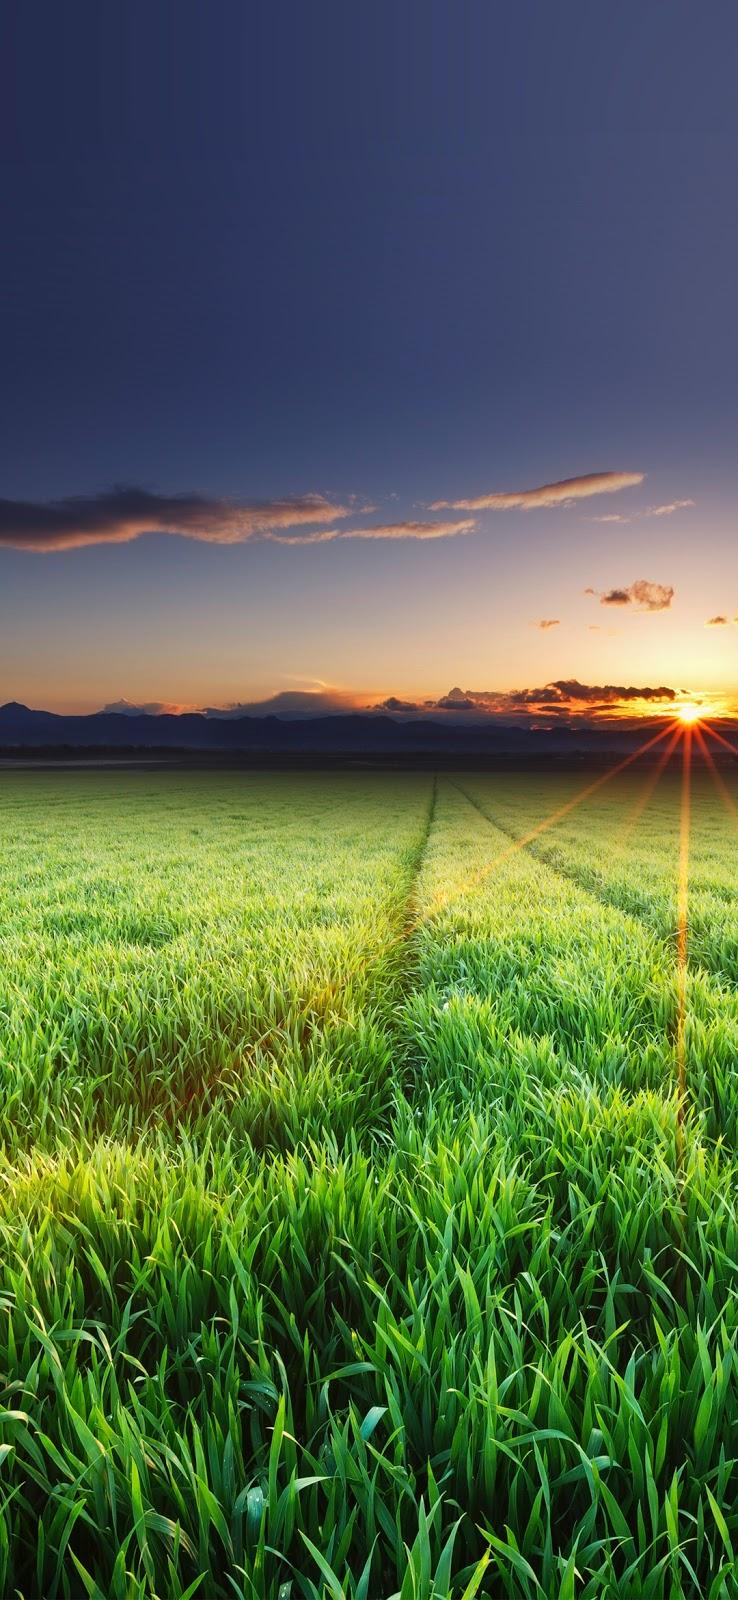 Đồng cỏ xanh giữa đêm